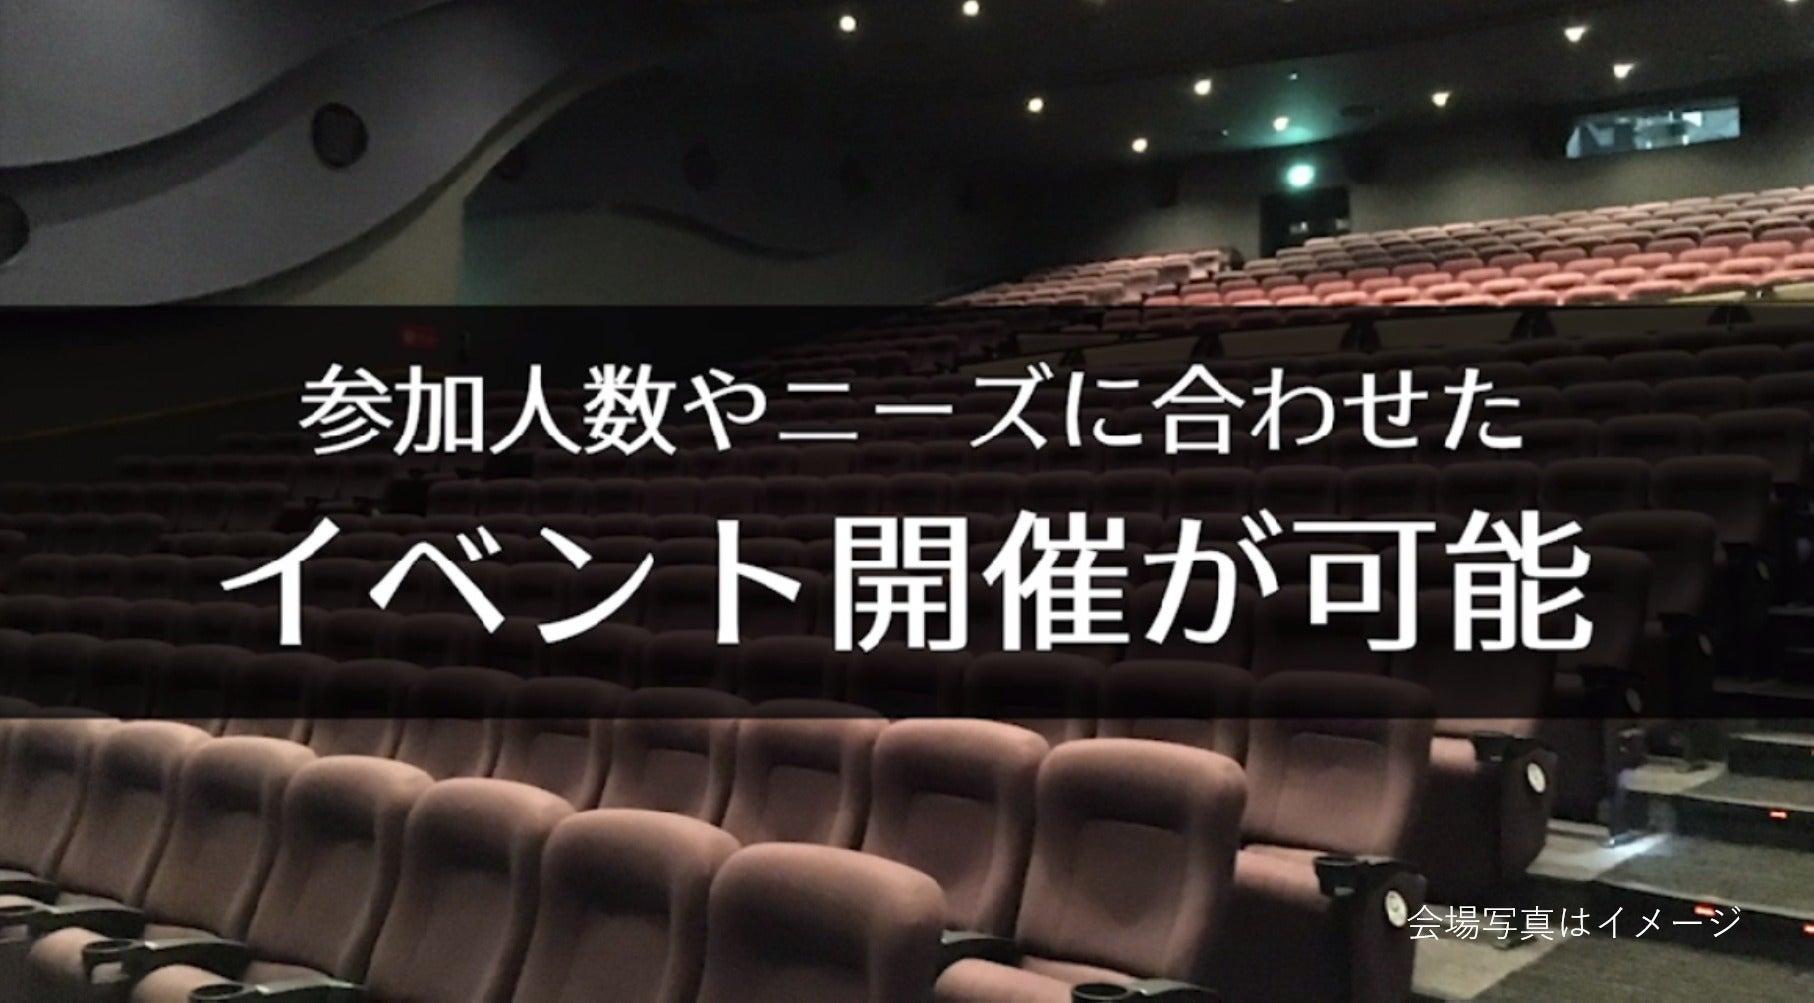 【幕張 211席】映画館で、会社説明会、株主総会、講演会の企画はいかがですか? の写真